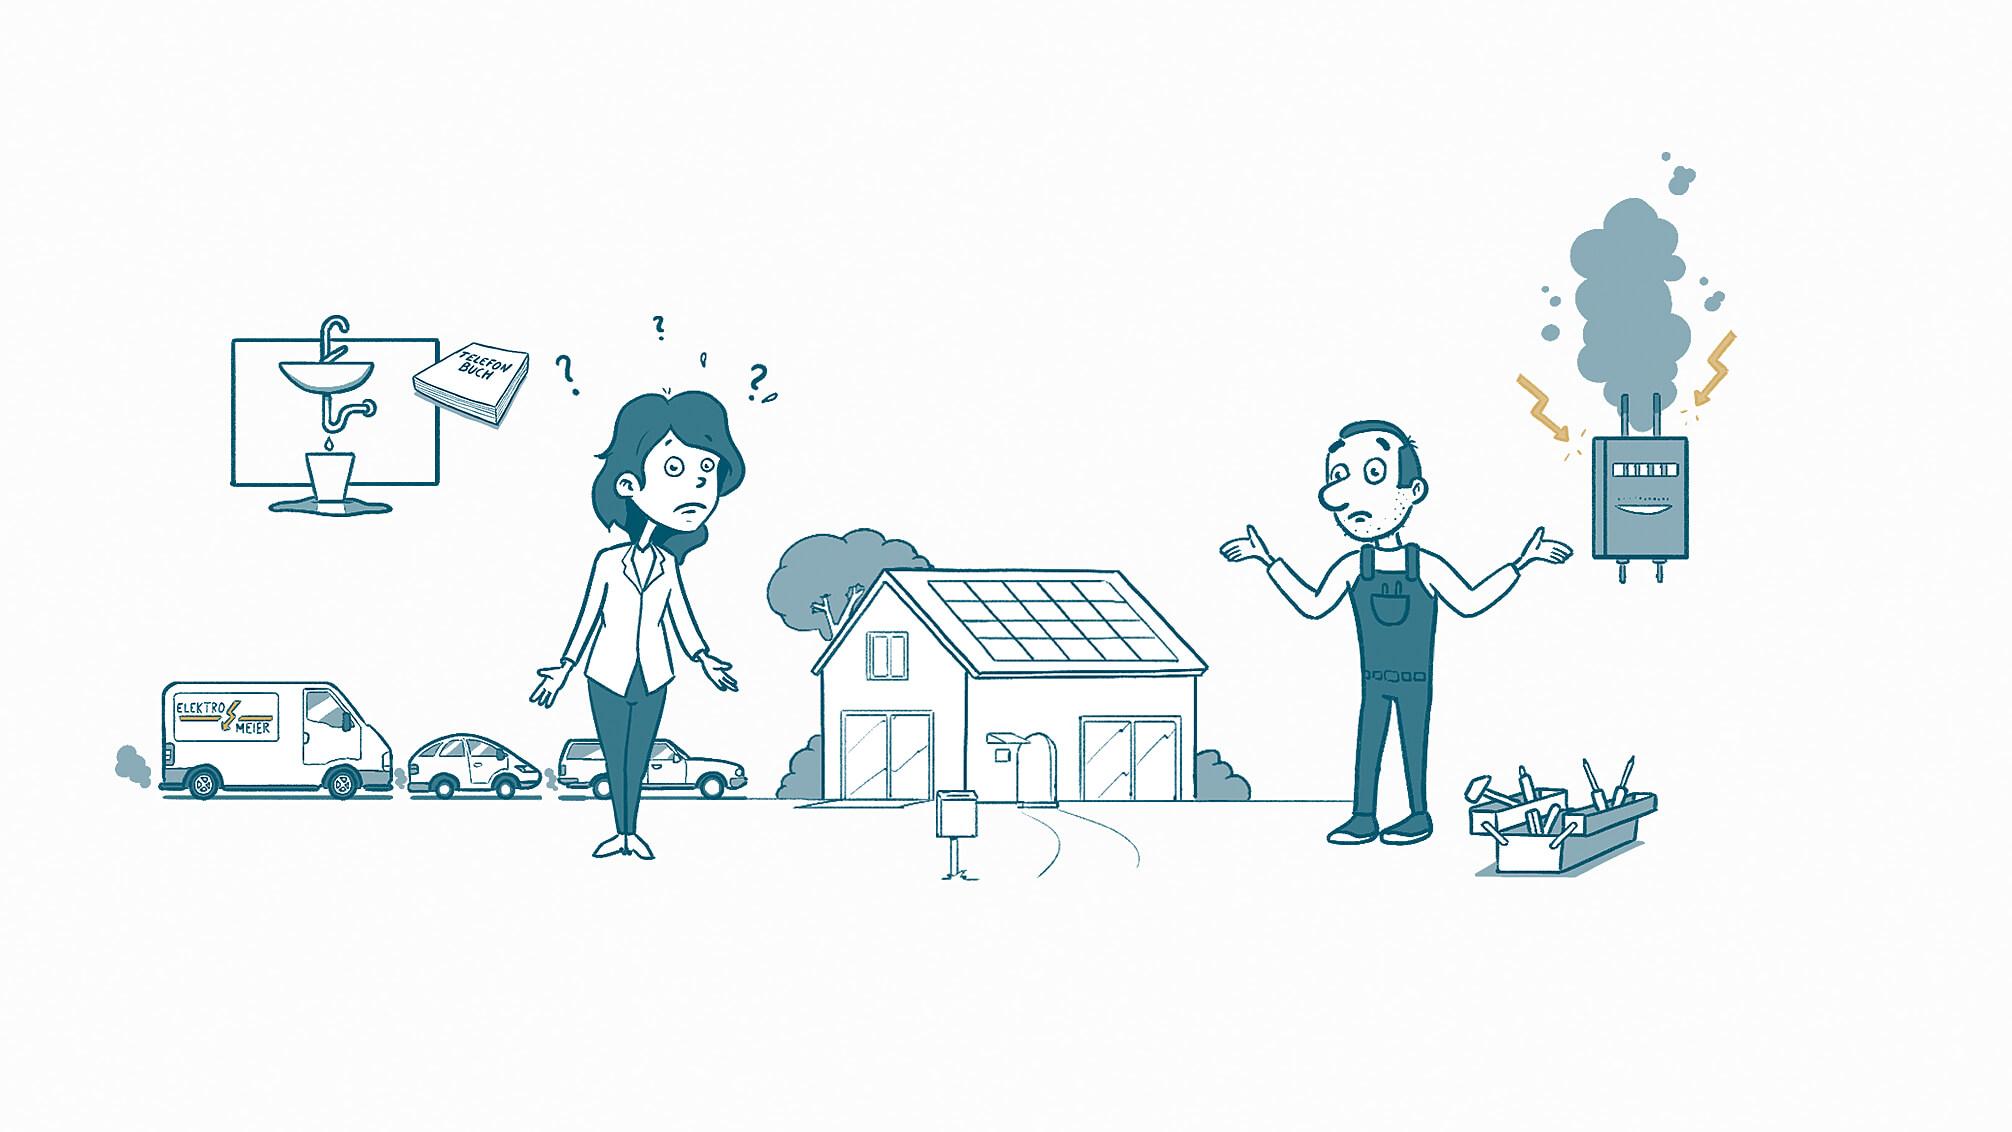 Ein handgezeichneter Erklärfilm im Whiteboard Look für das Startup MeisterListe